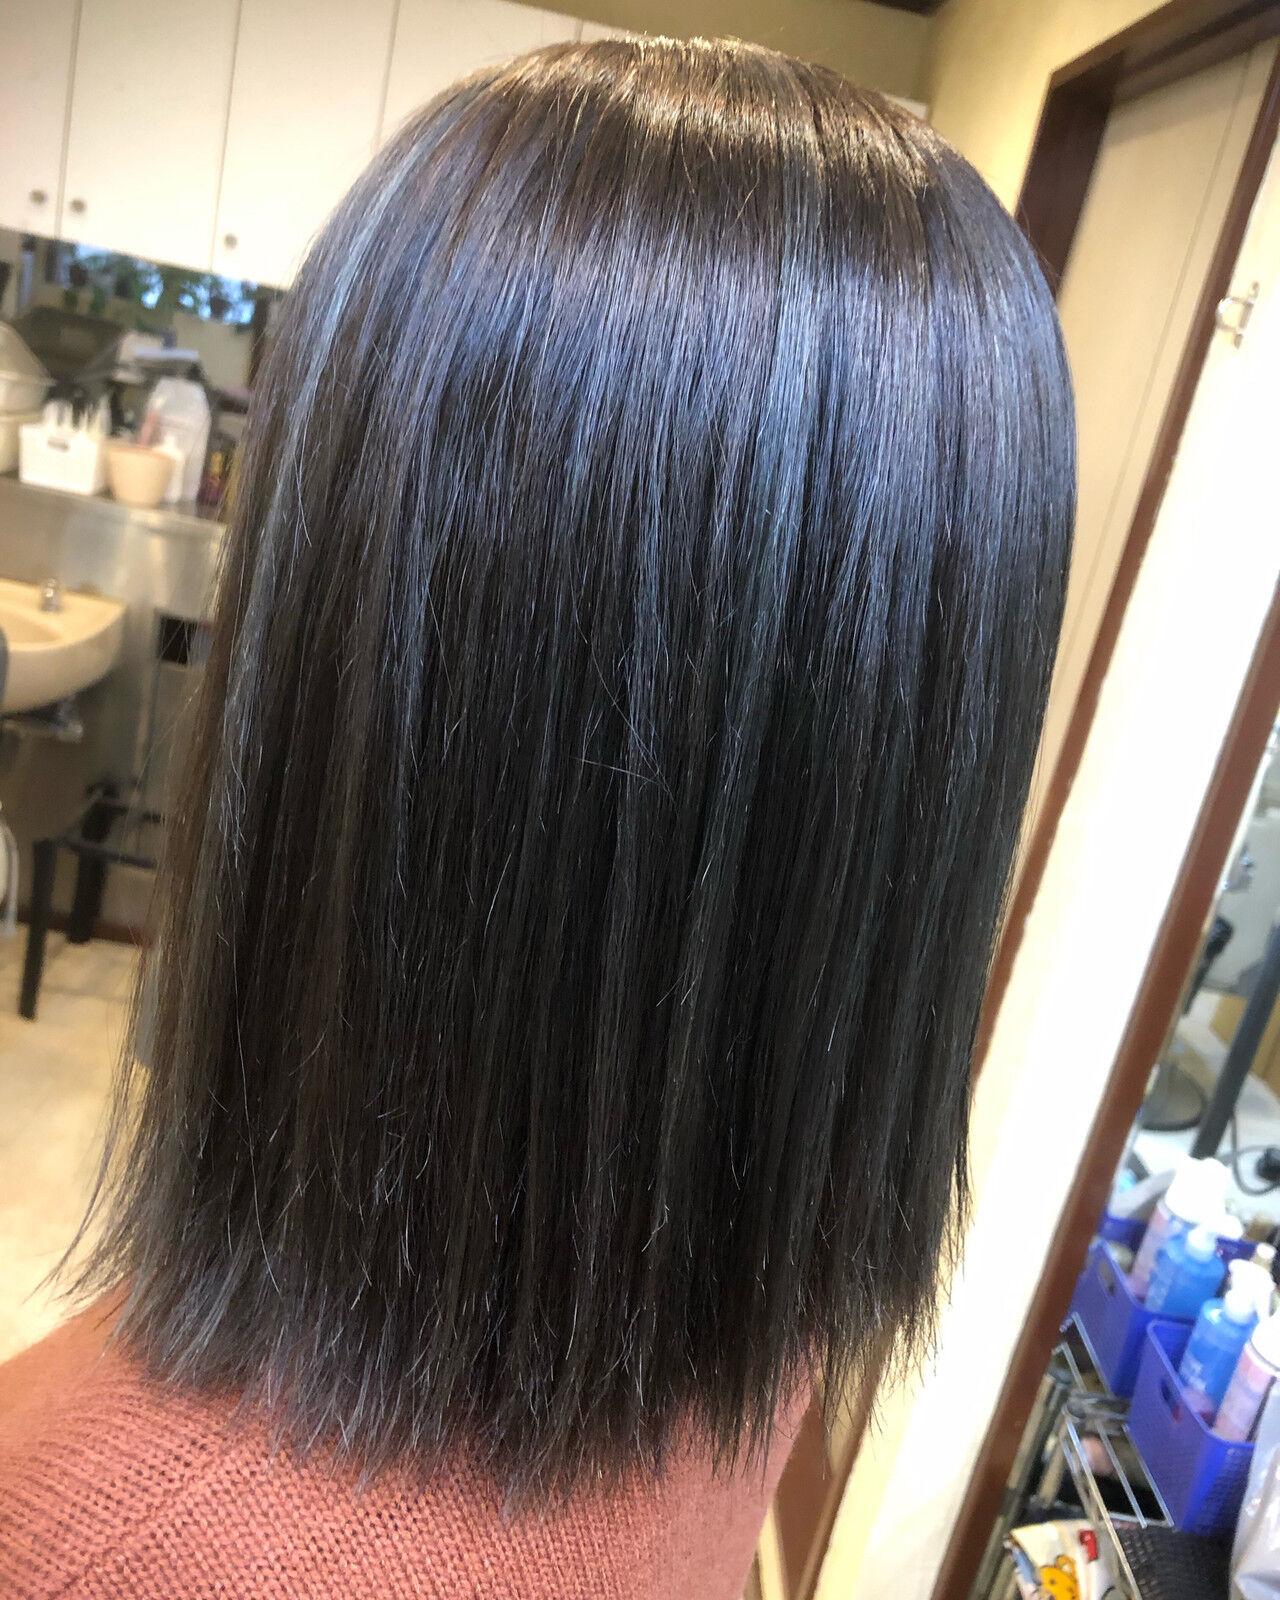 ミディアム 透明感 ブリーチ ロブヘアスタイルや髪型の写真・画像